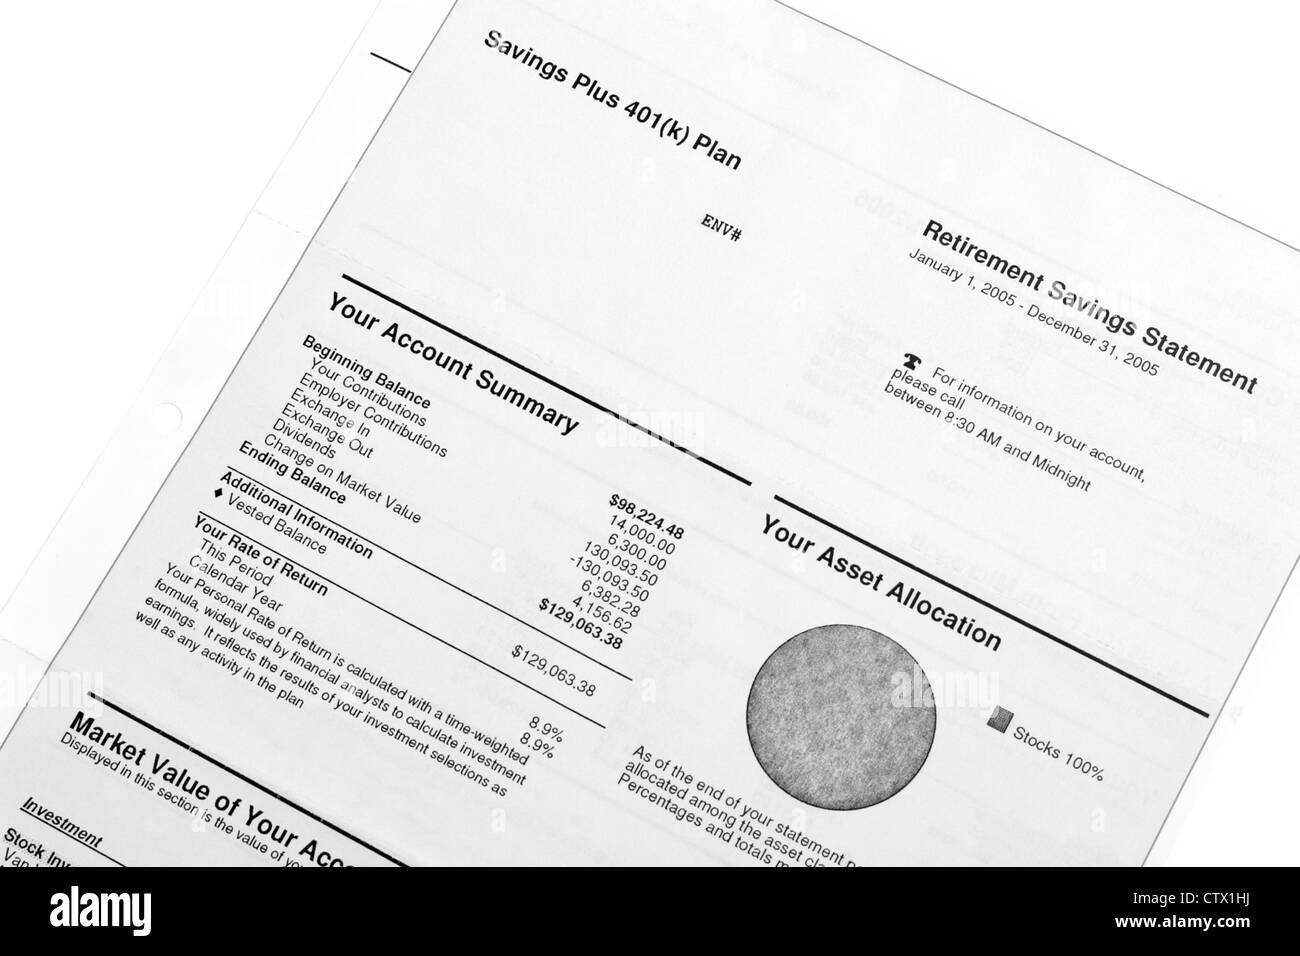 Ahorros e inversiones de jubilación - Resumen de estados de cuenta Imagen De Stock